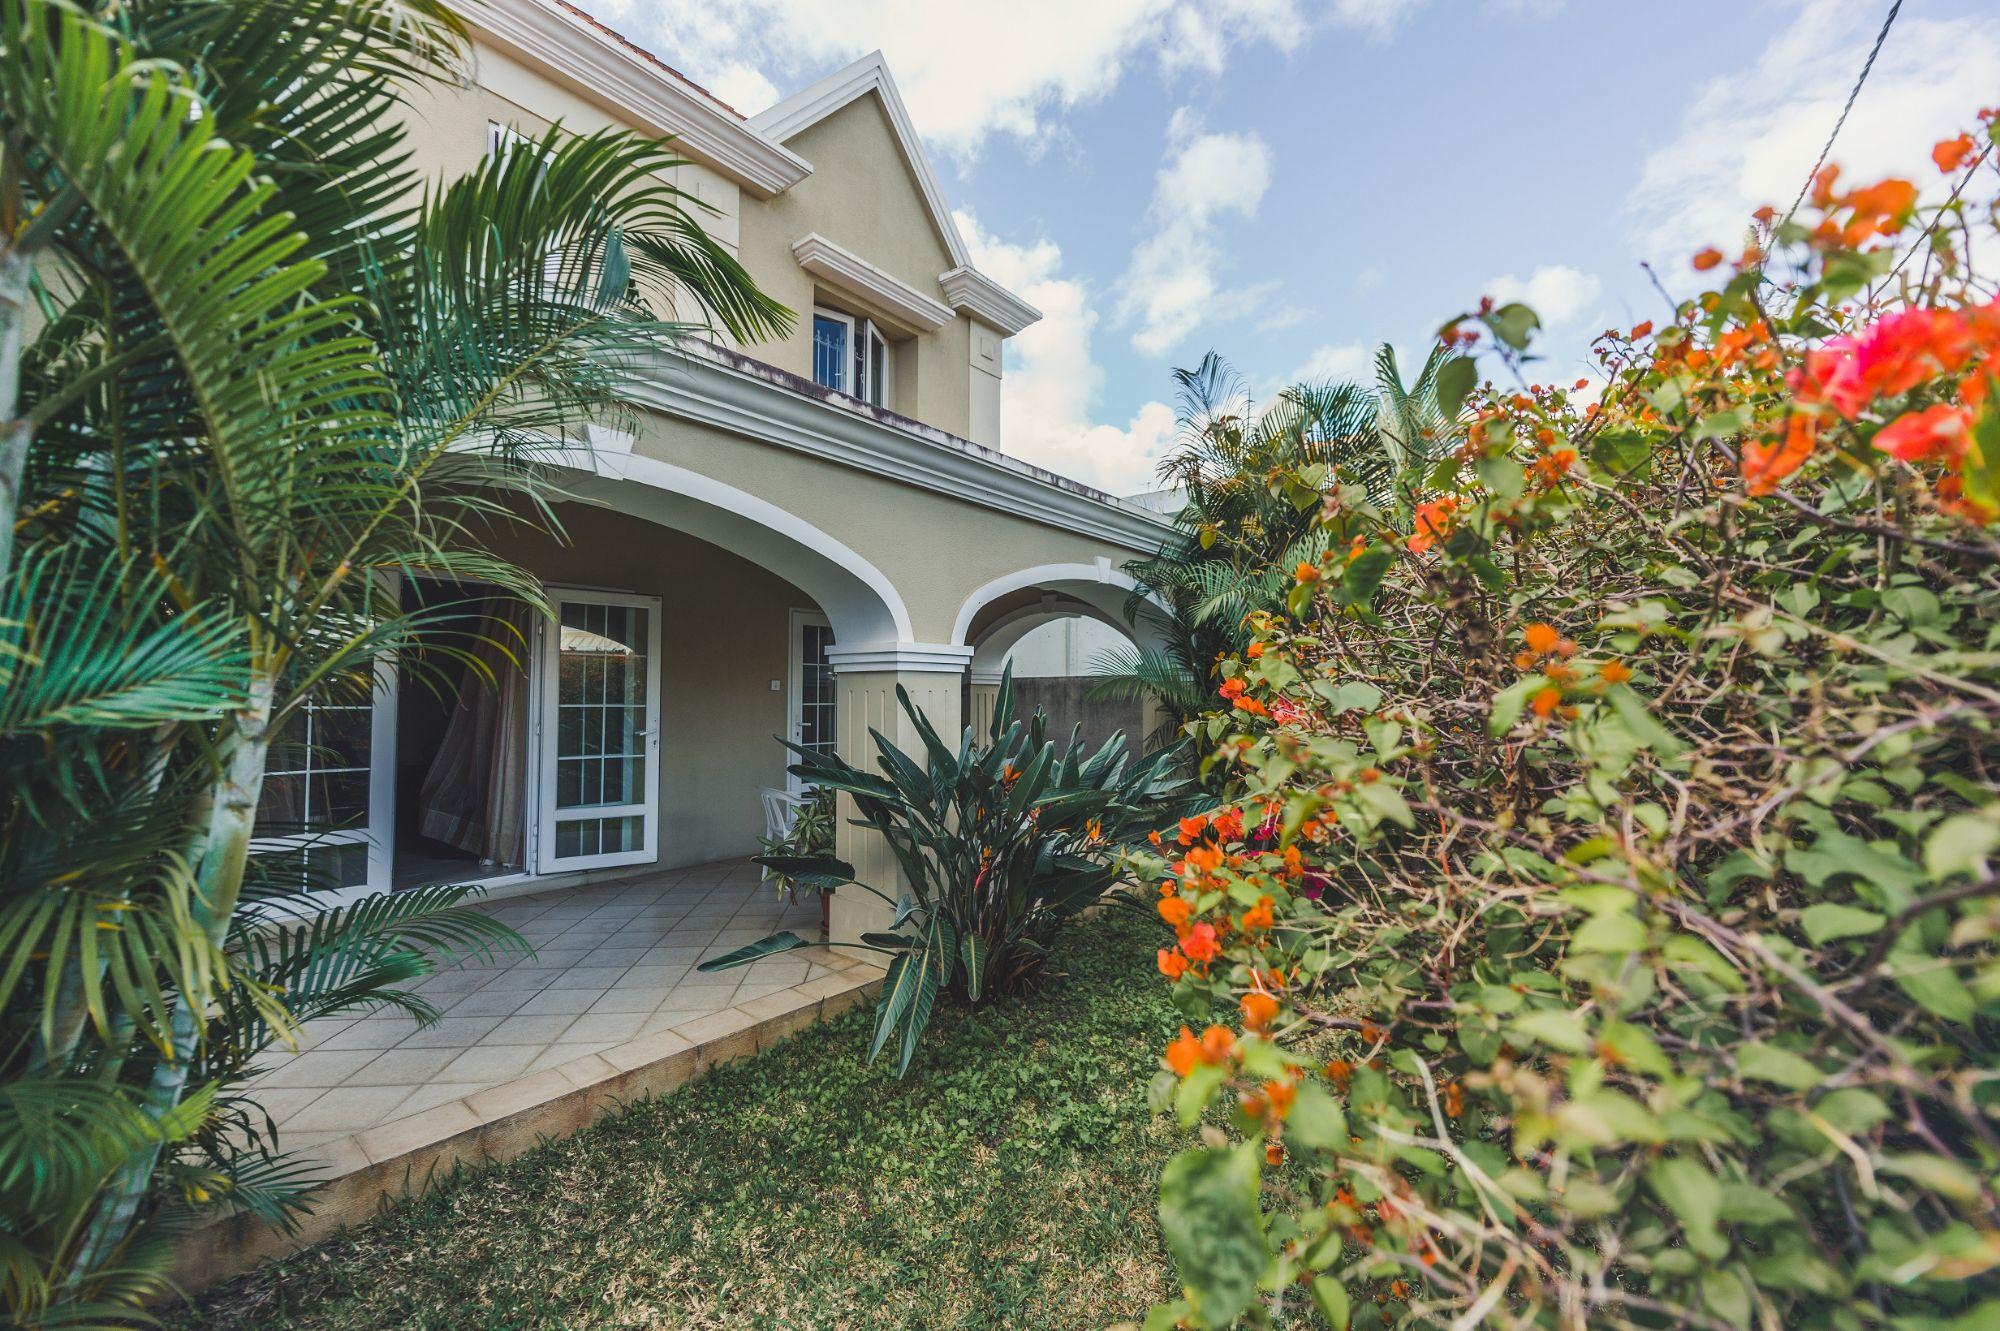 Cette charmante maison non – meublée de 334 m2 sur un terrain de 99 toises se situe dans un quartier résidentiel proche de toutes commodités à Roches Brunes.